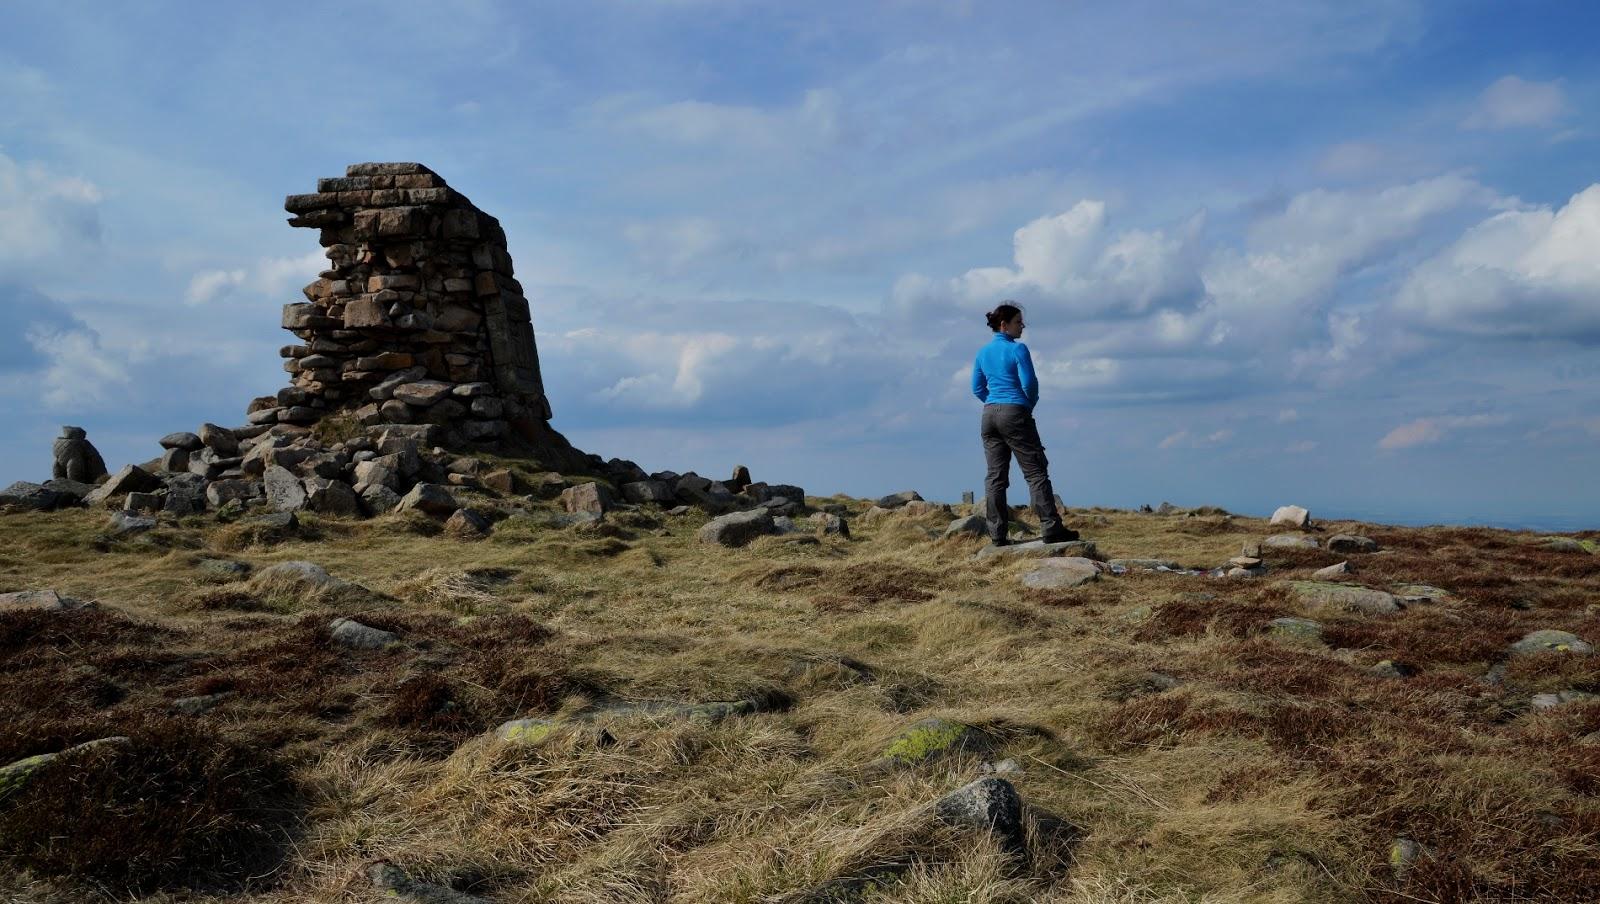 Zalety uprawiania turystyki górskiej